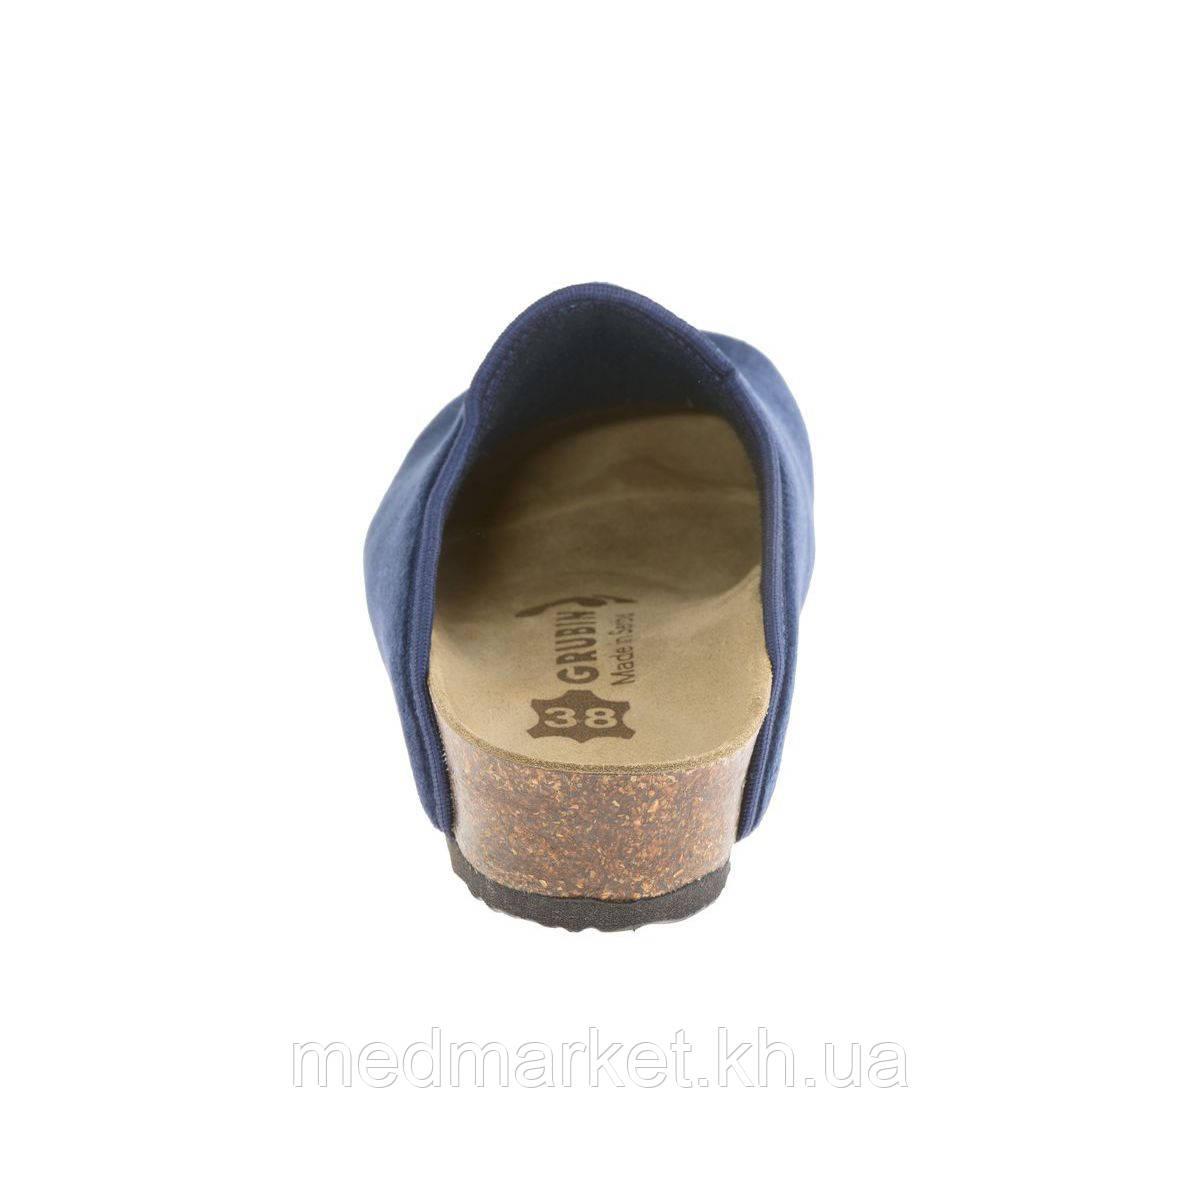 91438a1a4 Сабо ортопедические домашние женские Caki от интернет-магазина ...